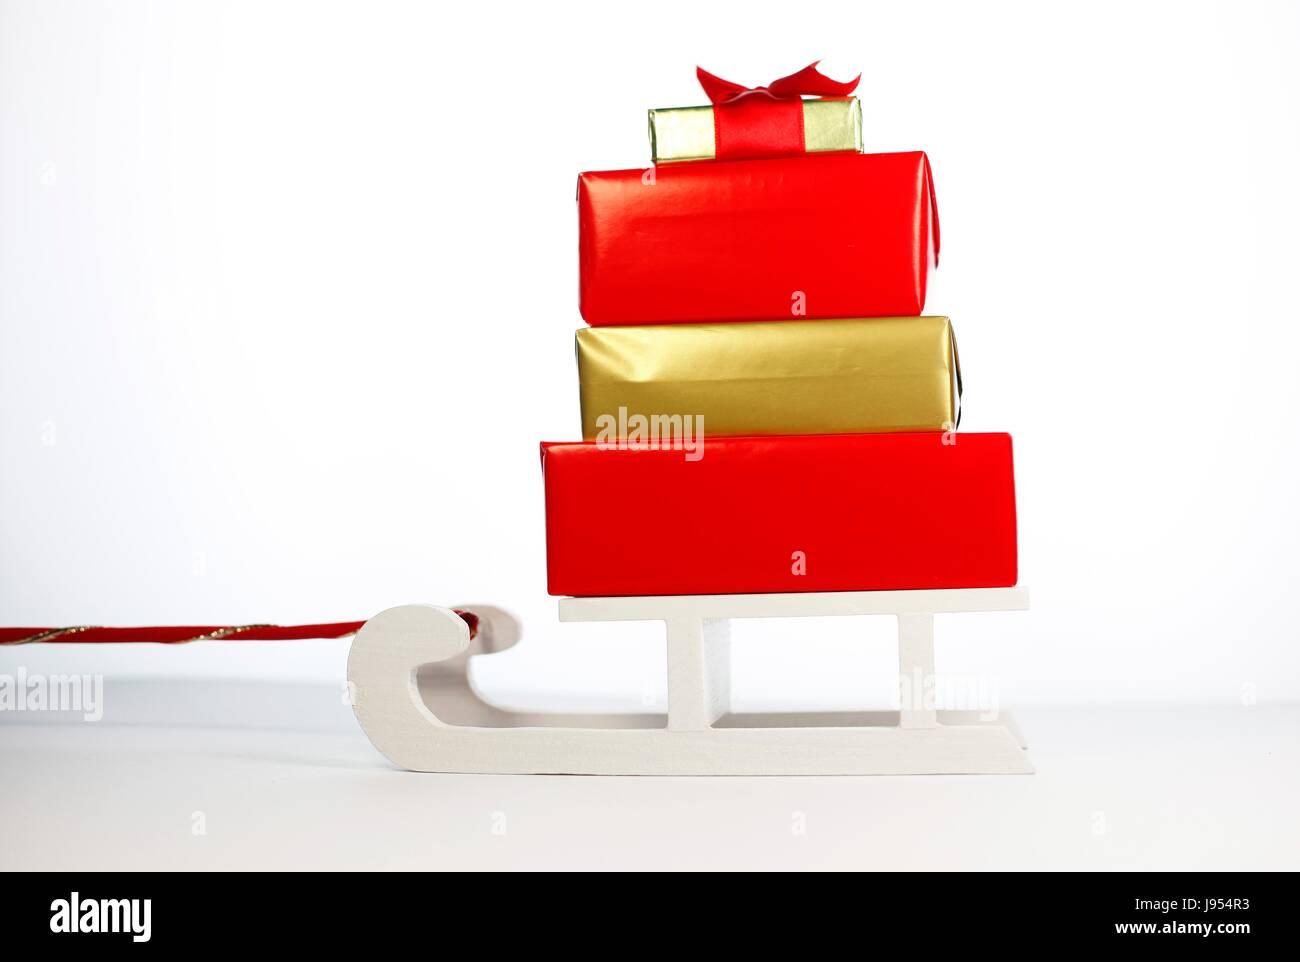 Geschenk Paket Weihnachten Advent Dezember Geschenke Spenden